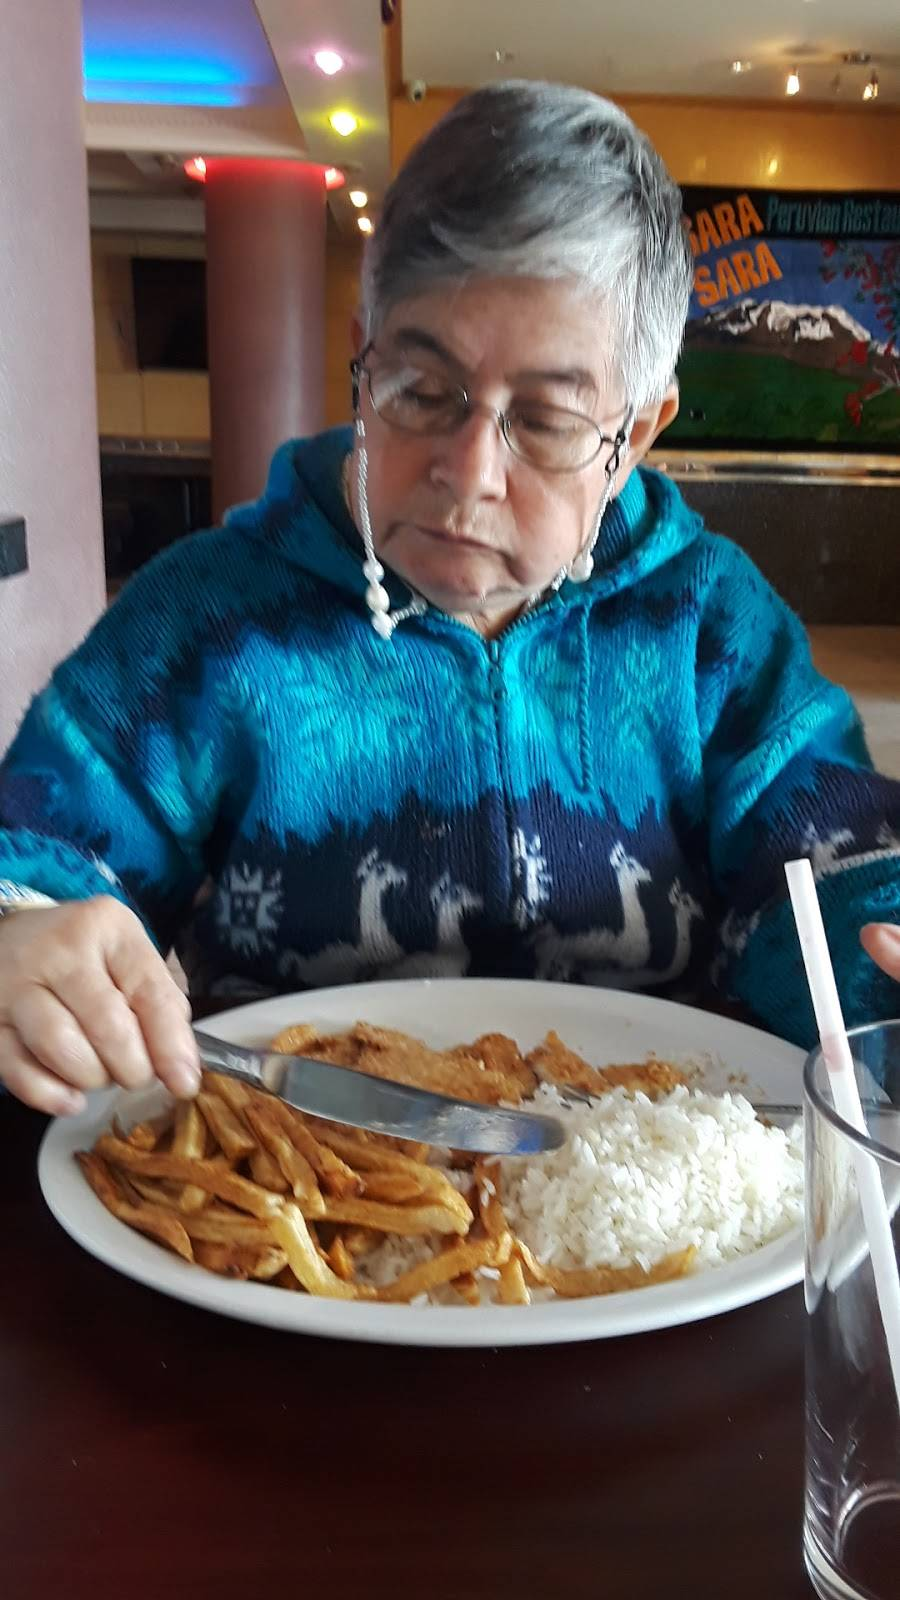 Sara Sara | restaurant | 1 S Main St, Lodi, NJ 07644, USA | 9732464343 OR +1 973-246-4343